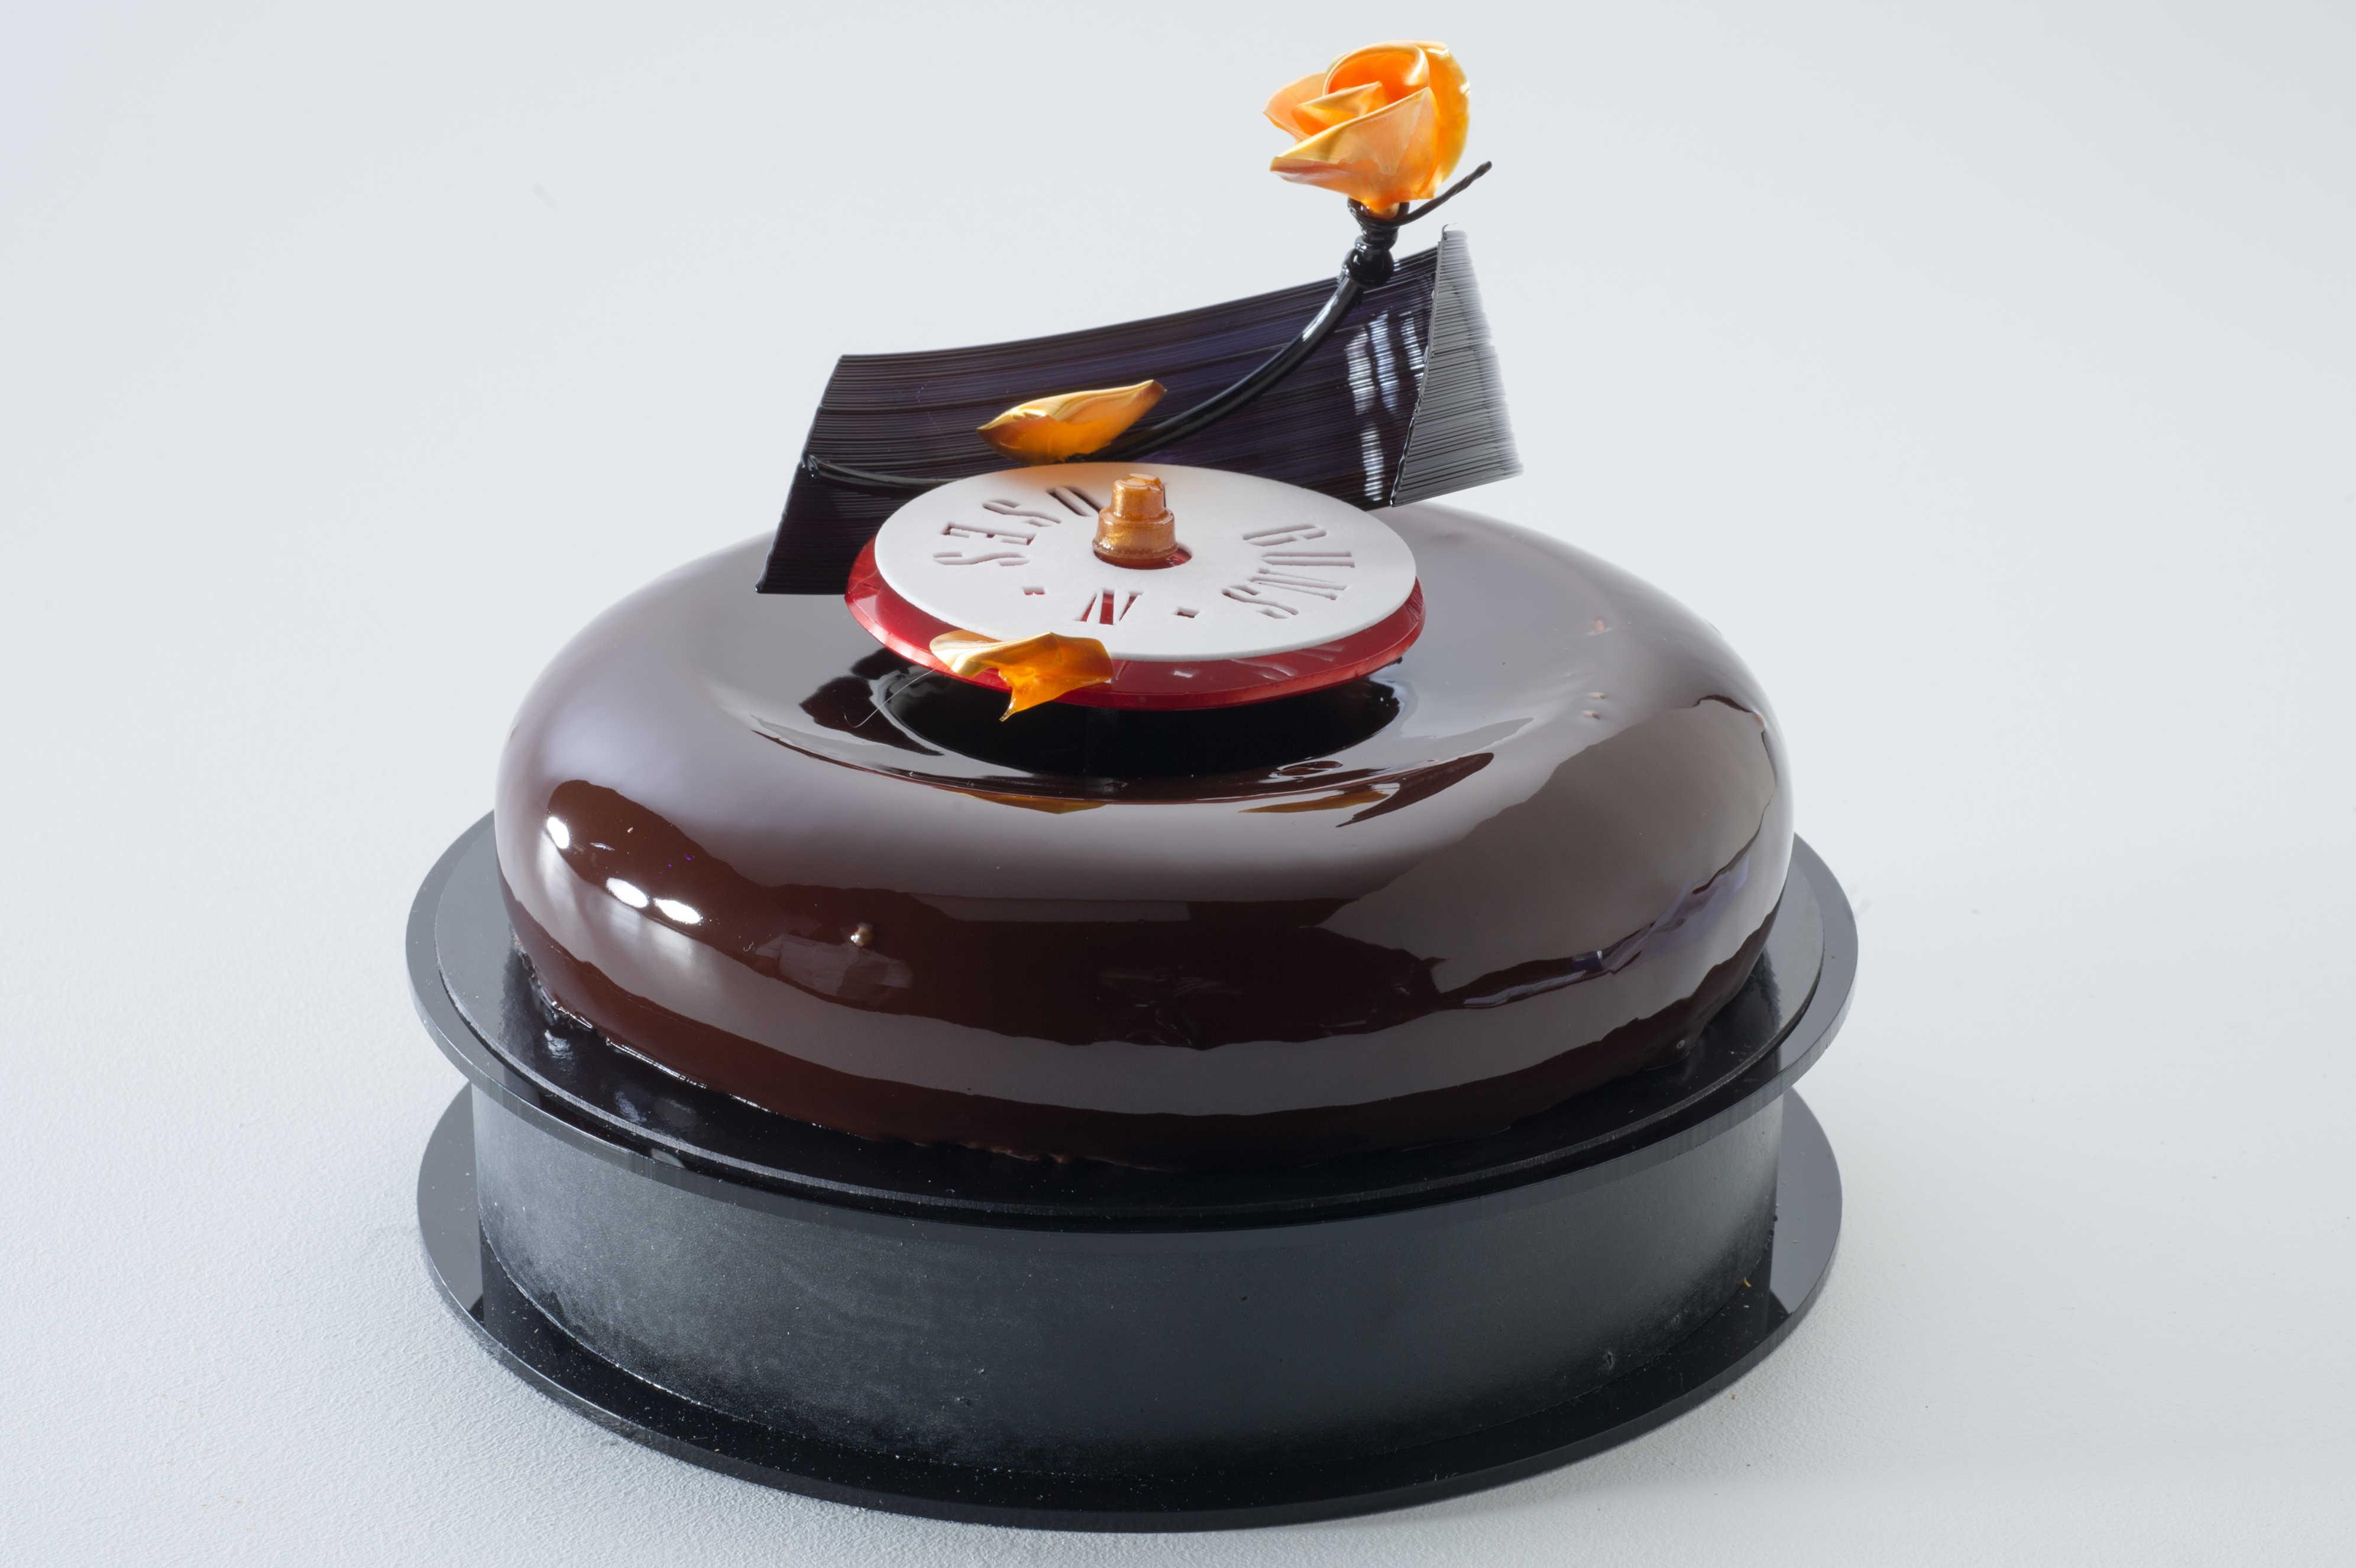 Coupe du monde de pâtisserie : Entremets chocolat - France